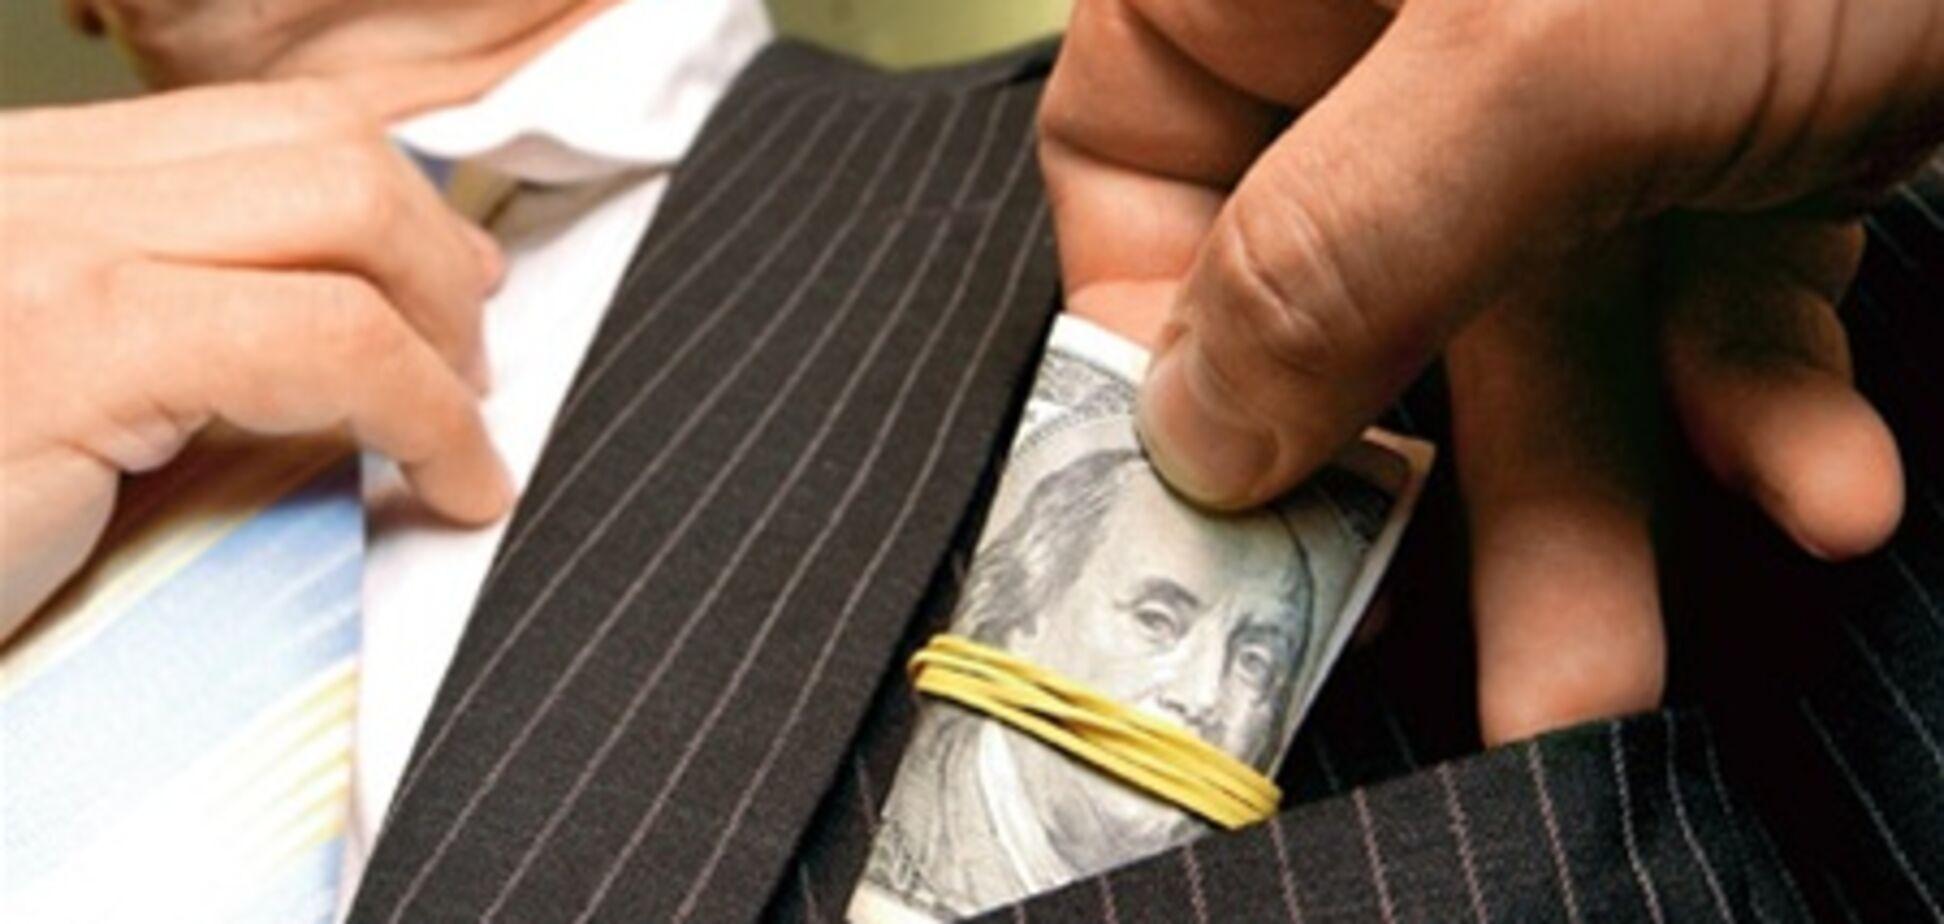 Киевляне переплачивают за квартиры из-за коррупции